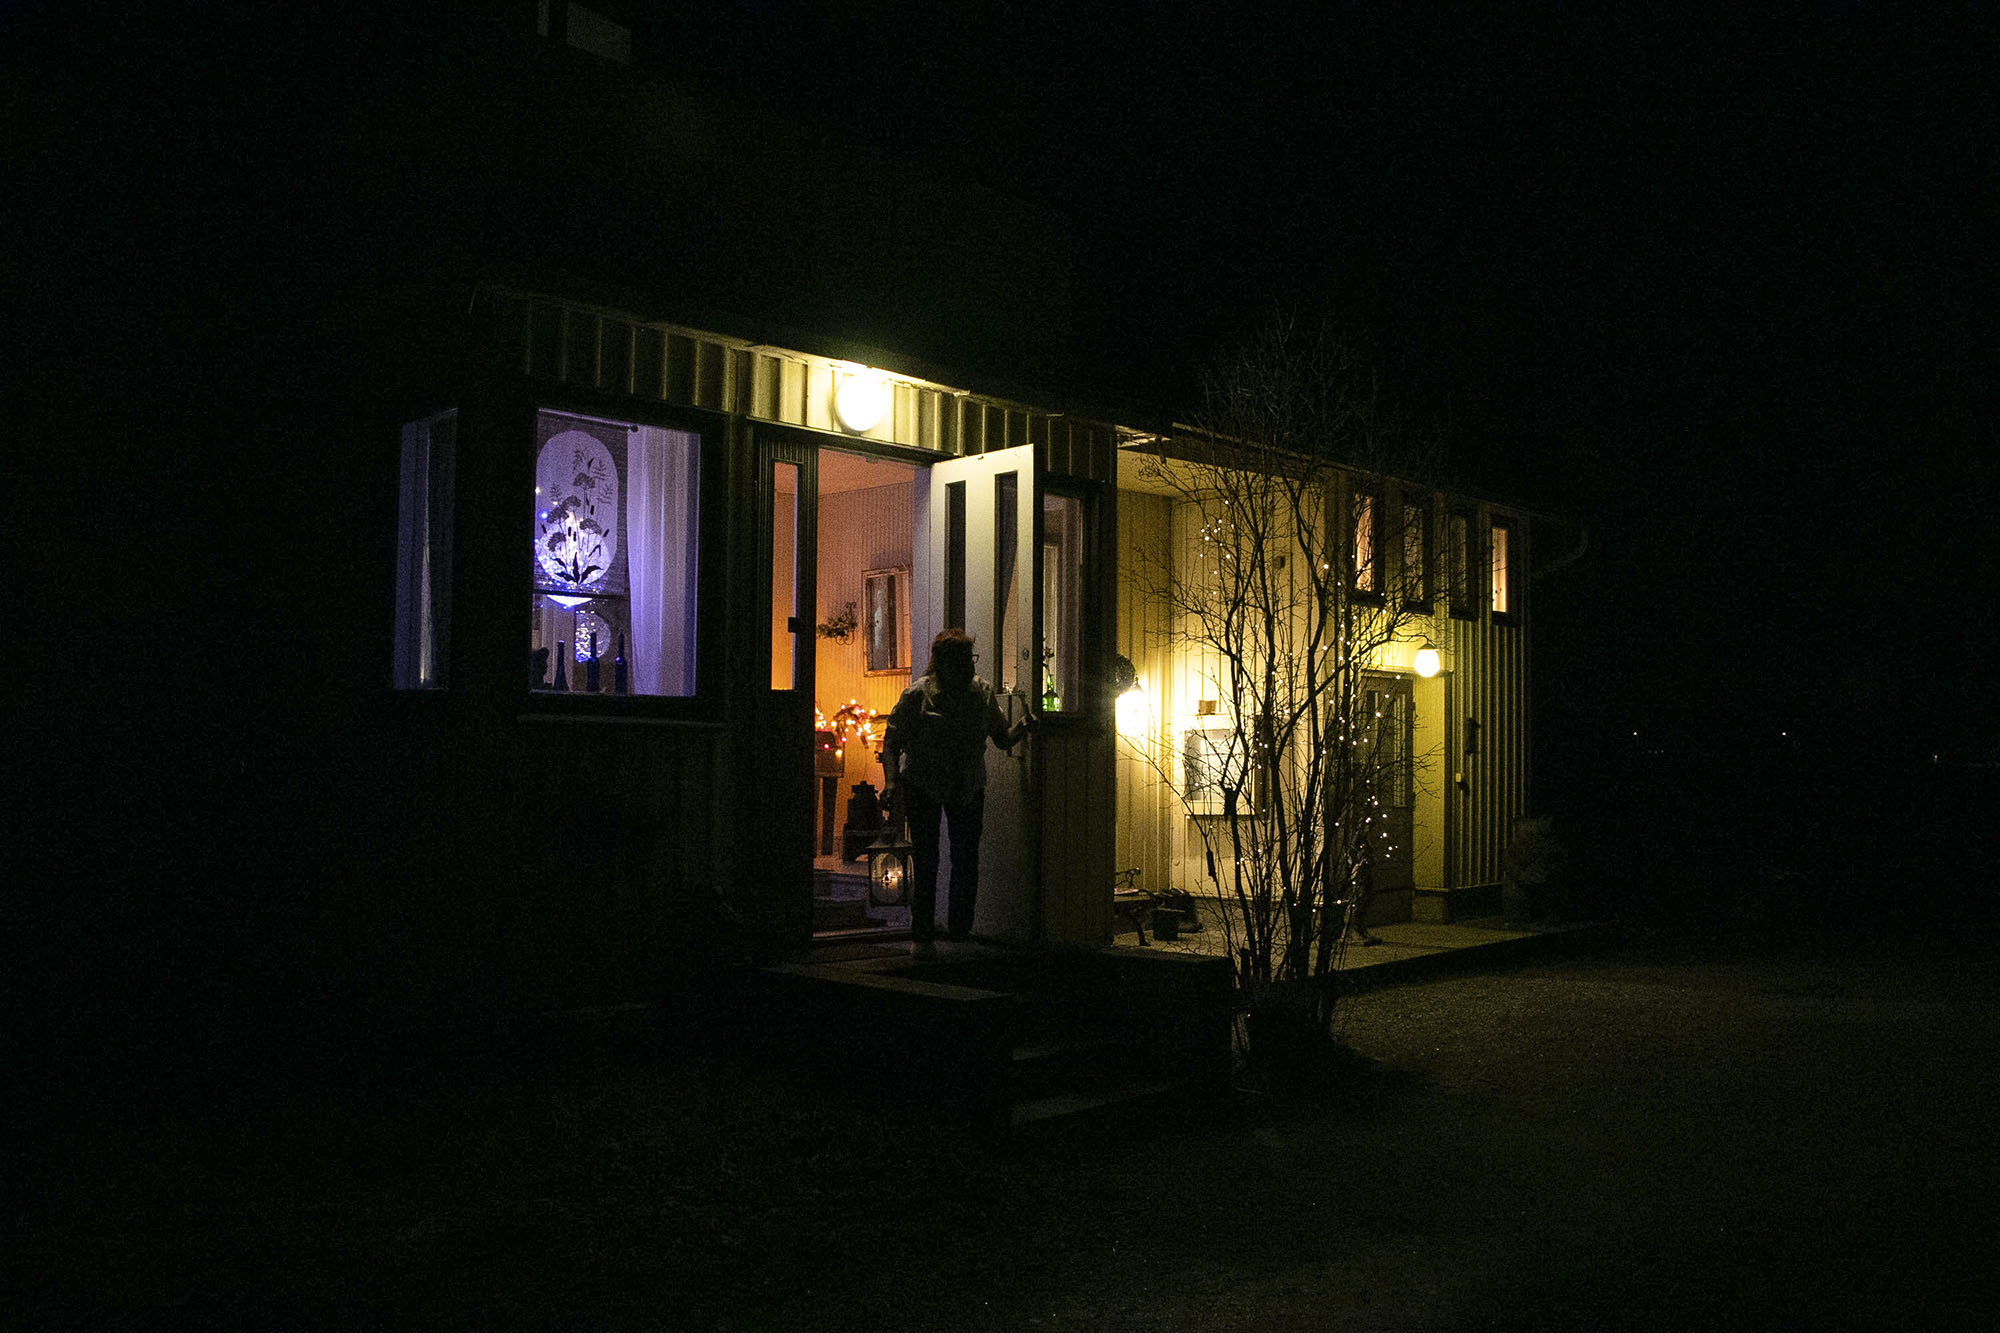 Ulkokuva talosta, jouluvaloista ja naisesta pimeässä.